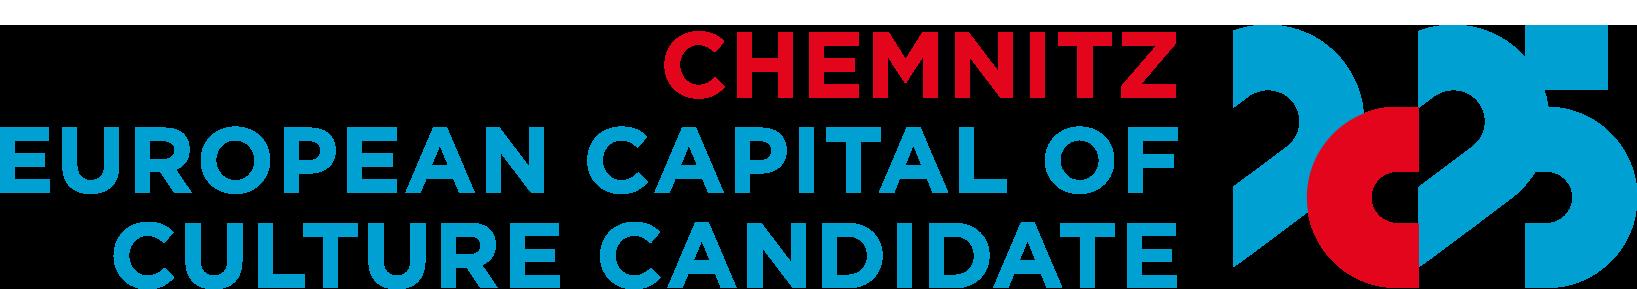 Chemnitz European Capital of Culture 2025 Logo